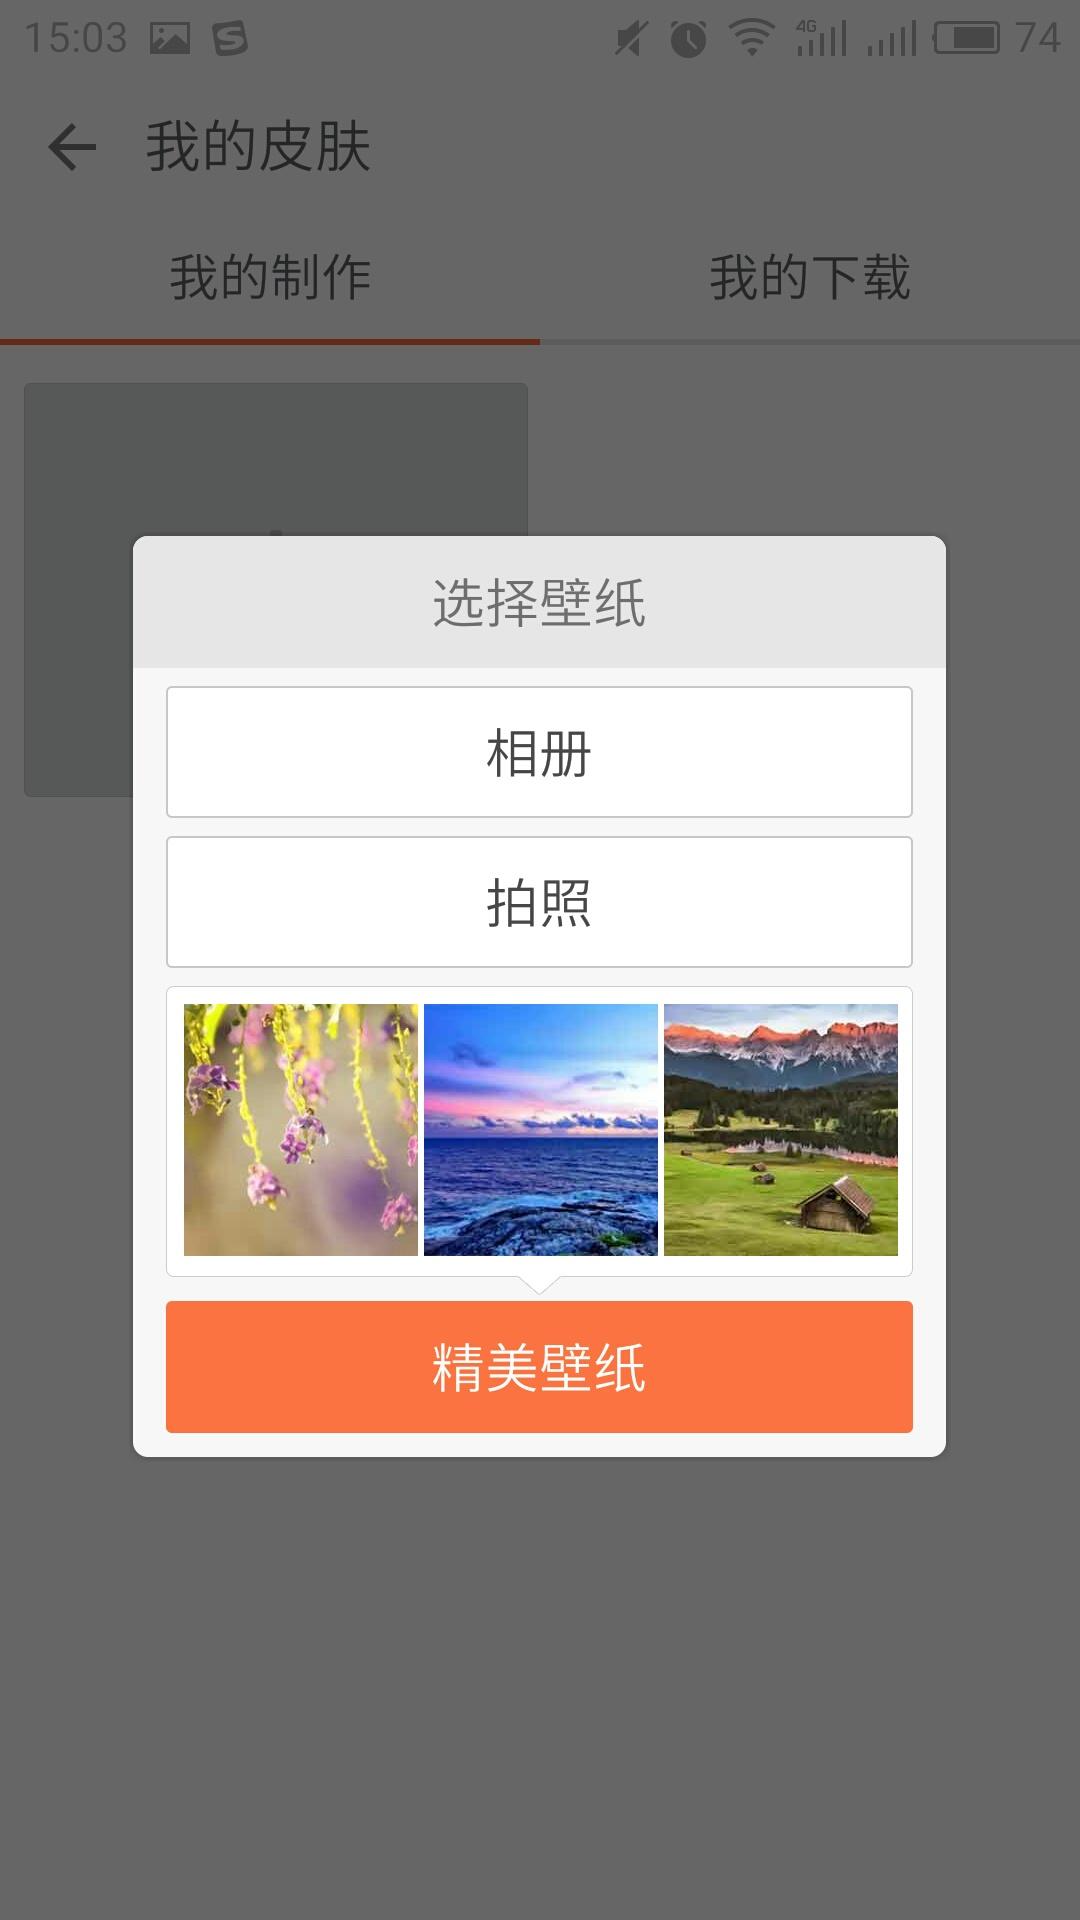 搜狗输入法安卓版_搜狗输入法安卓版客户端下载【手机图片